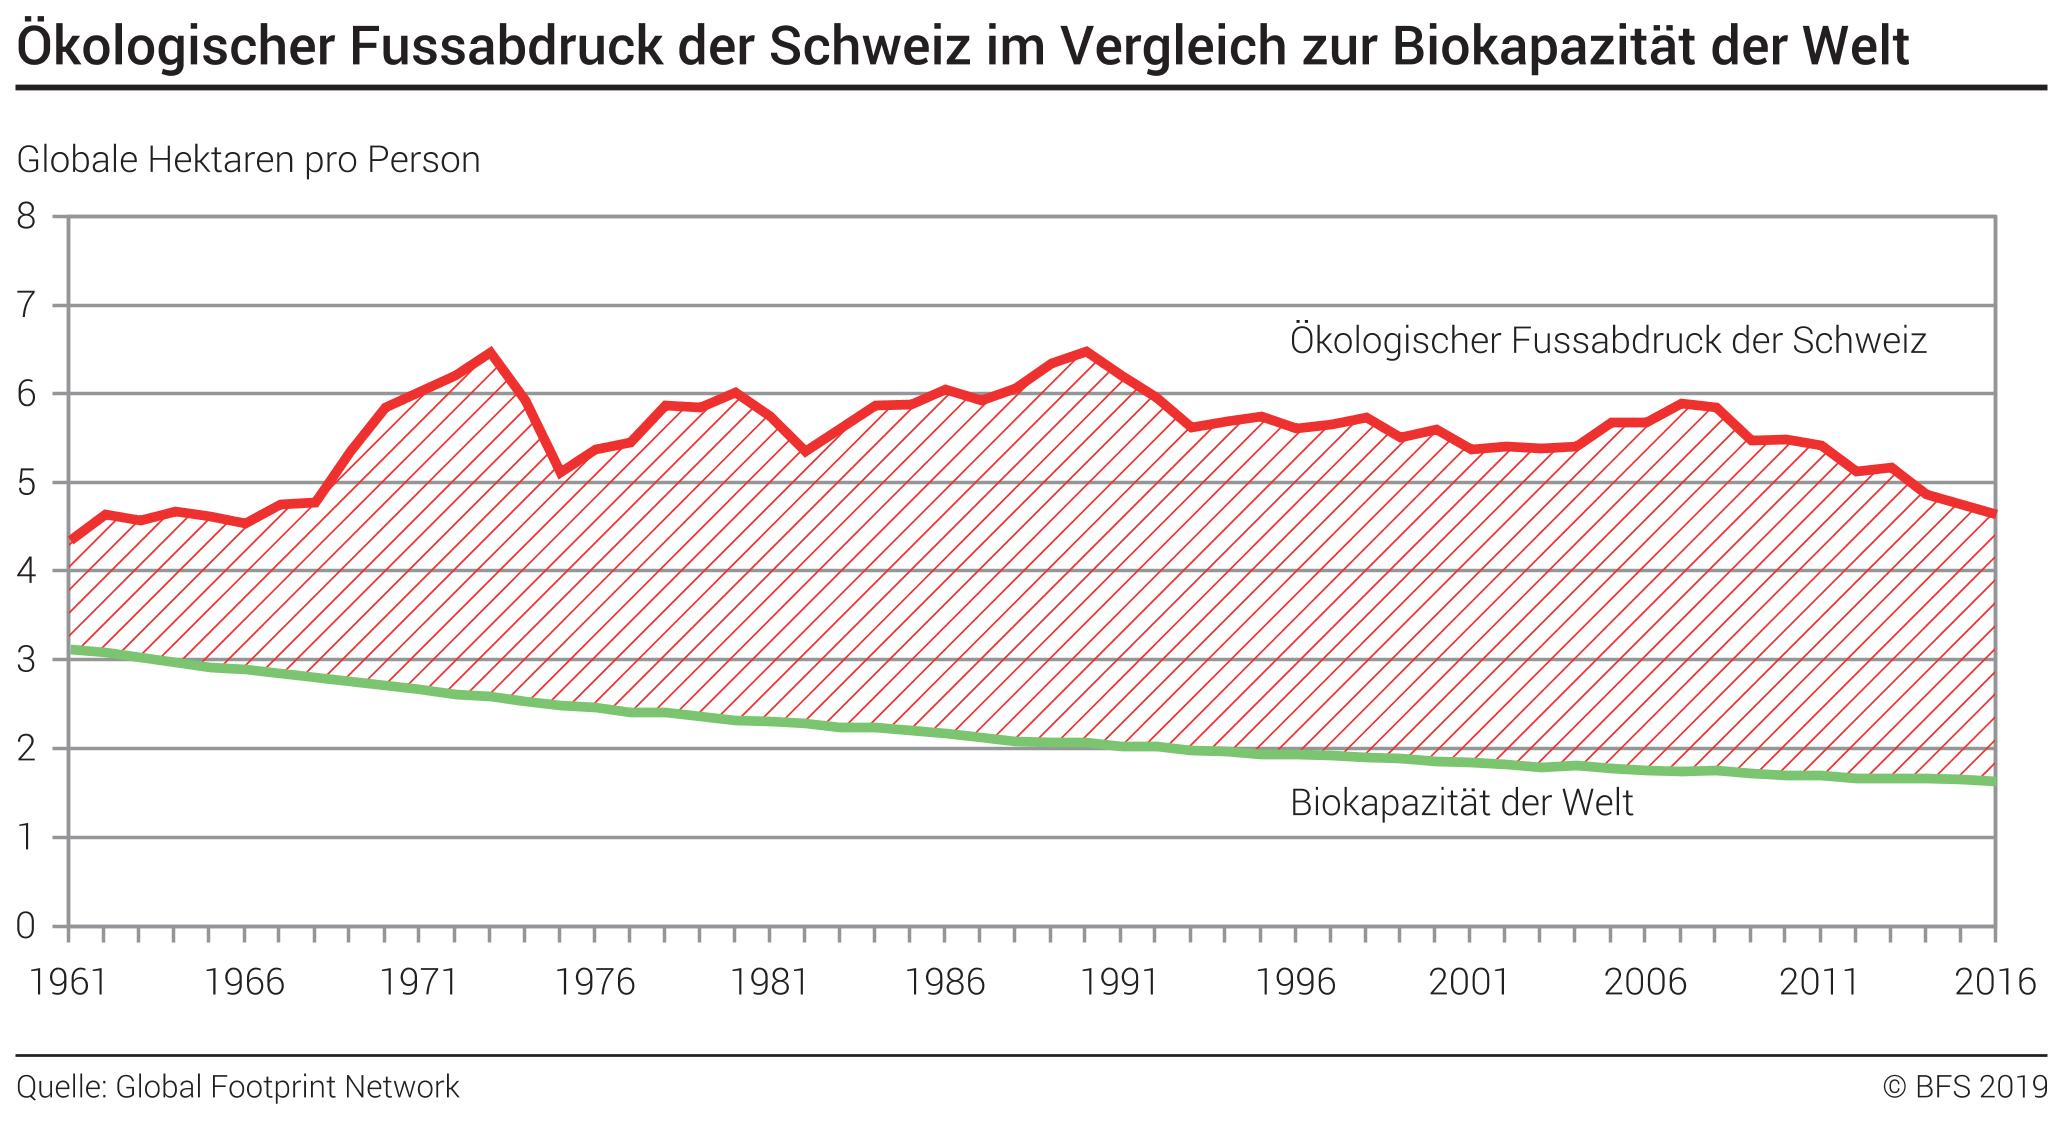 Ököfussabdruck der Schweiz